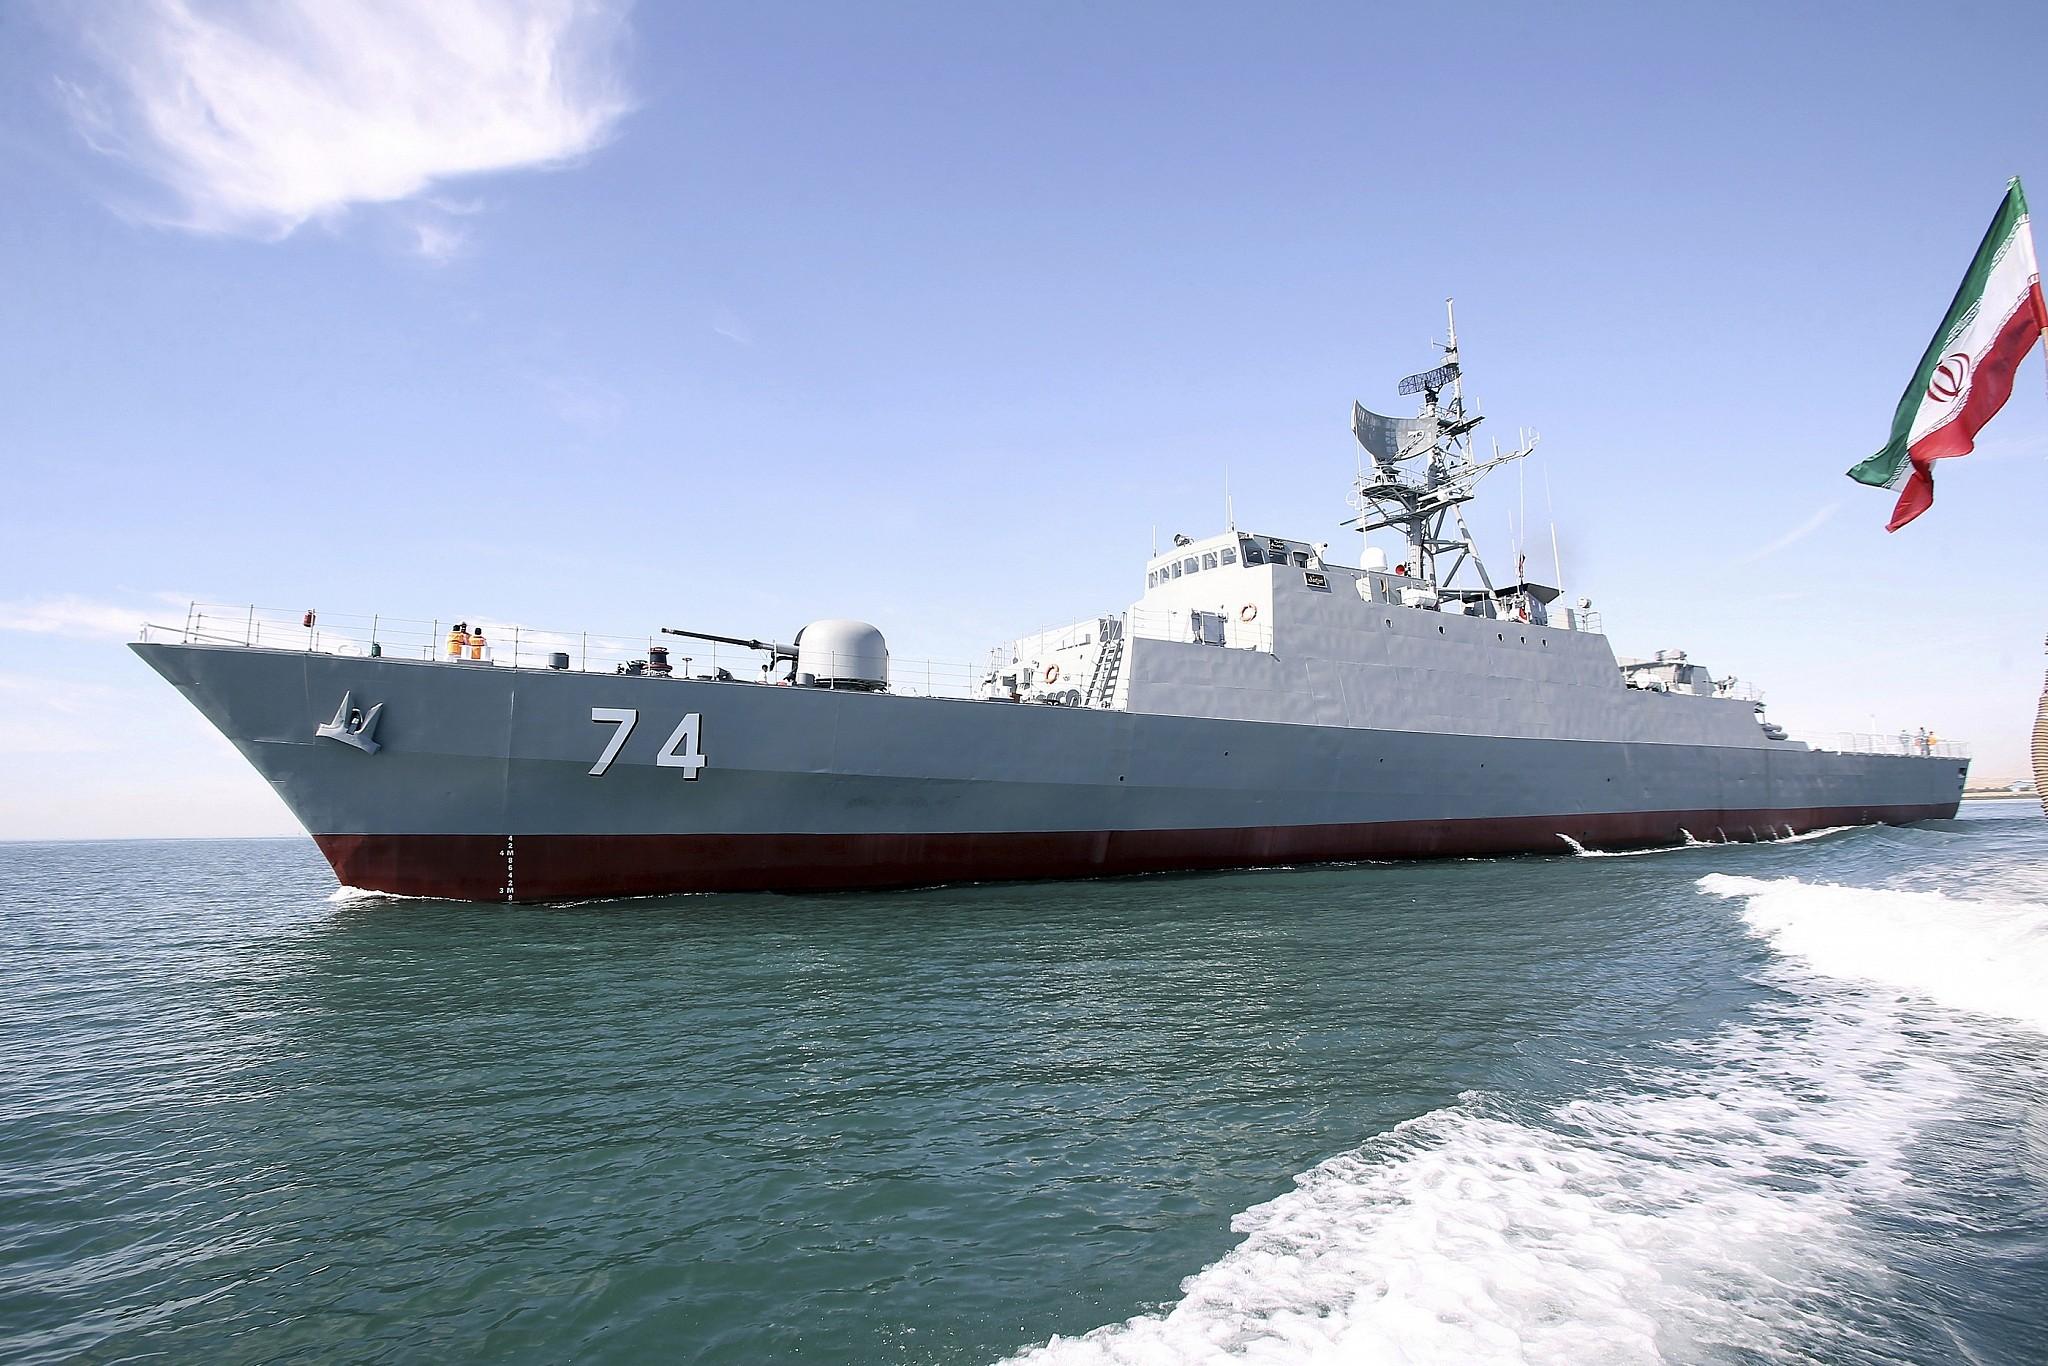 Un navire iranien attaqué en mer Rouge quelques heures avant le début des négociations nucléaires